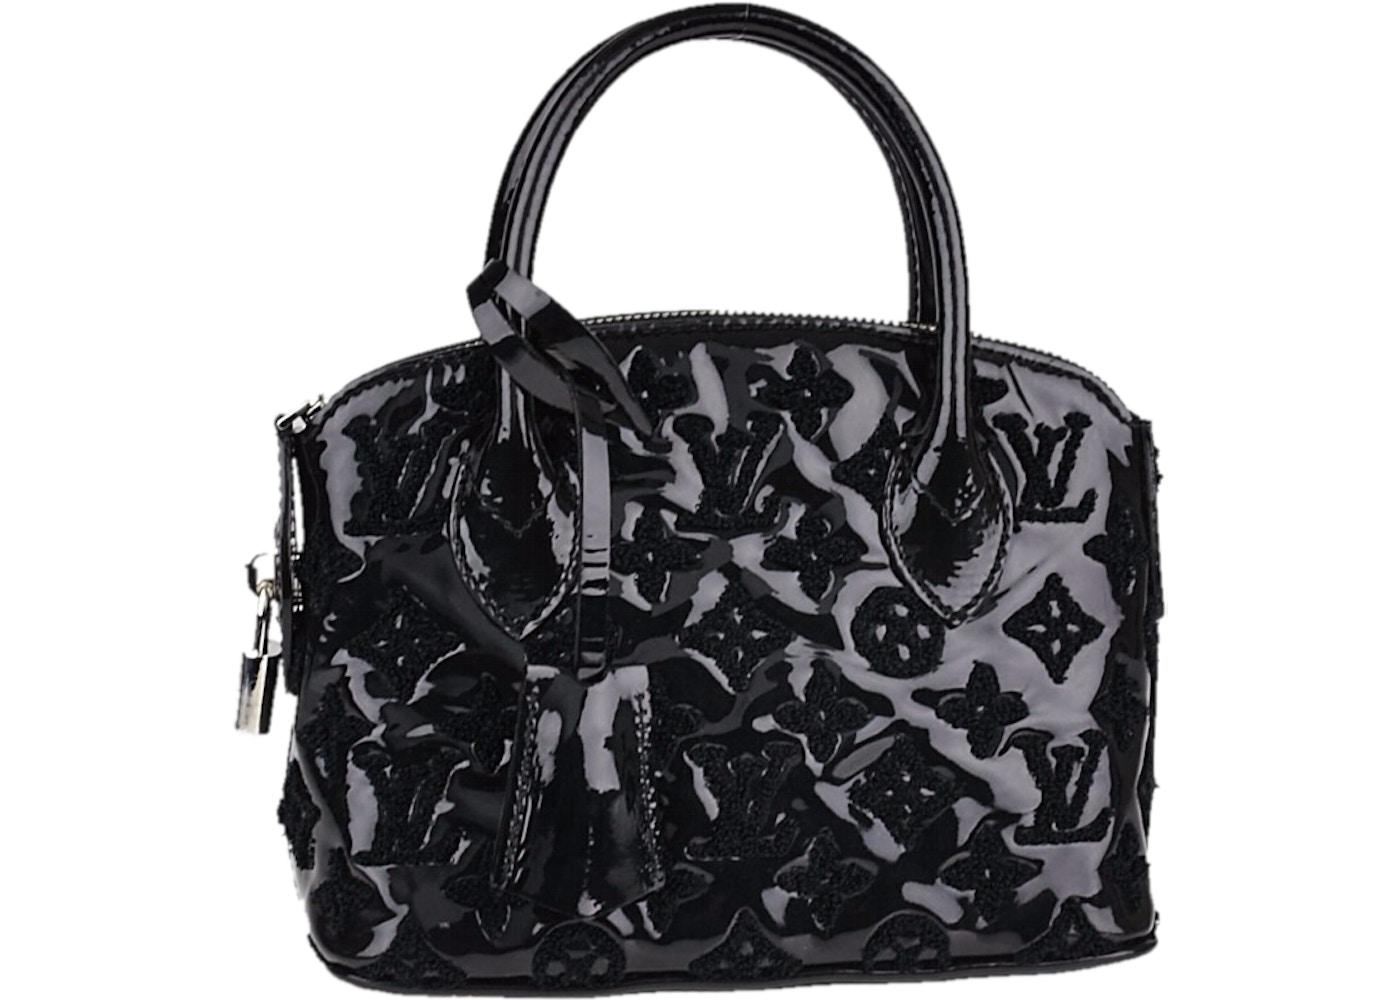 Louis Vuitton Fascination Lockit Monogram Vert Fonce 9a9c025ec26be